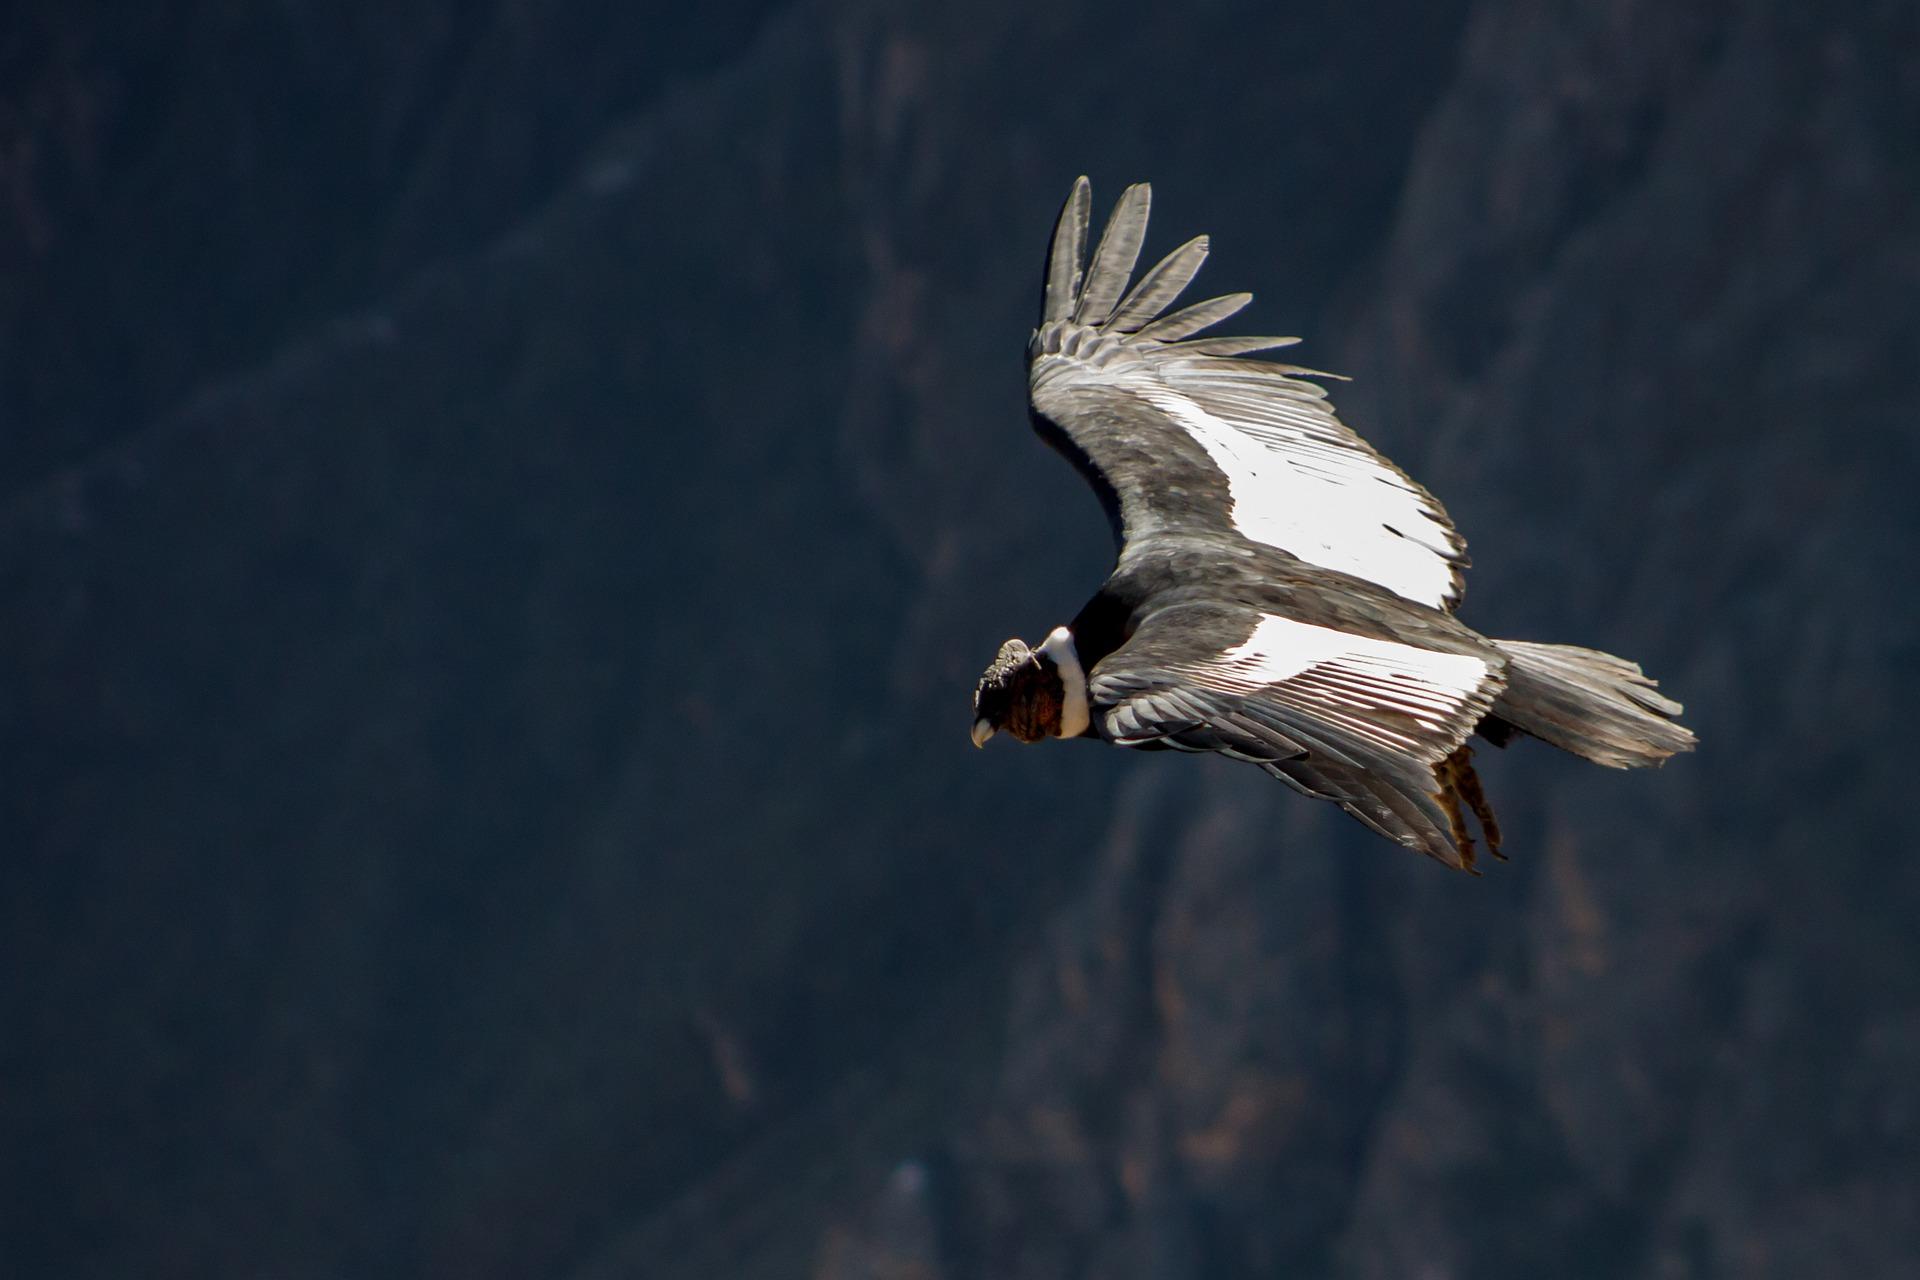 Epic Colca Canyon | Andean Condor Bird, Cruz del Condor, Peru